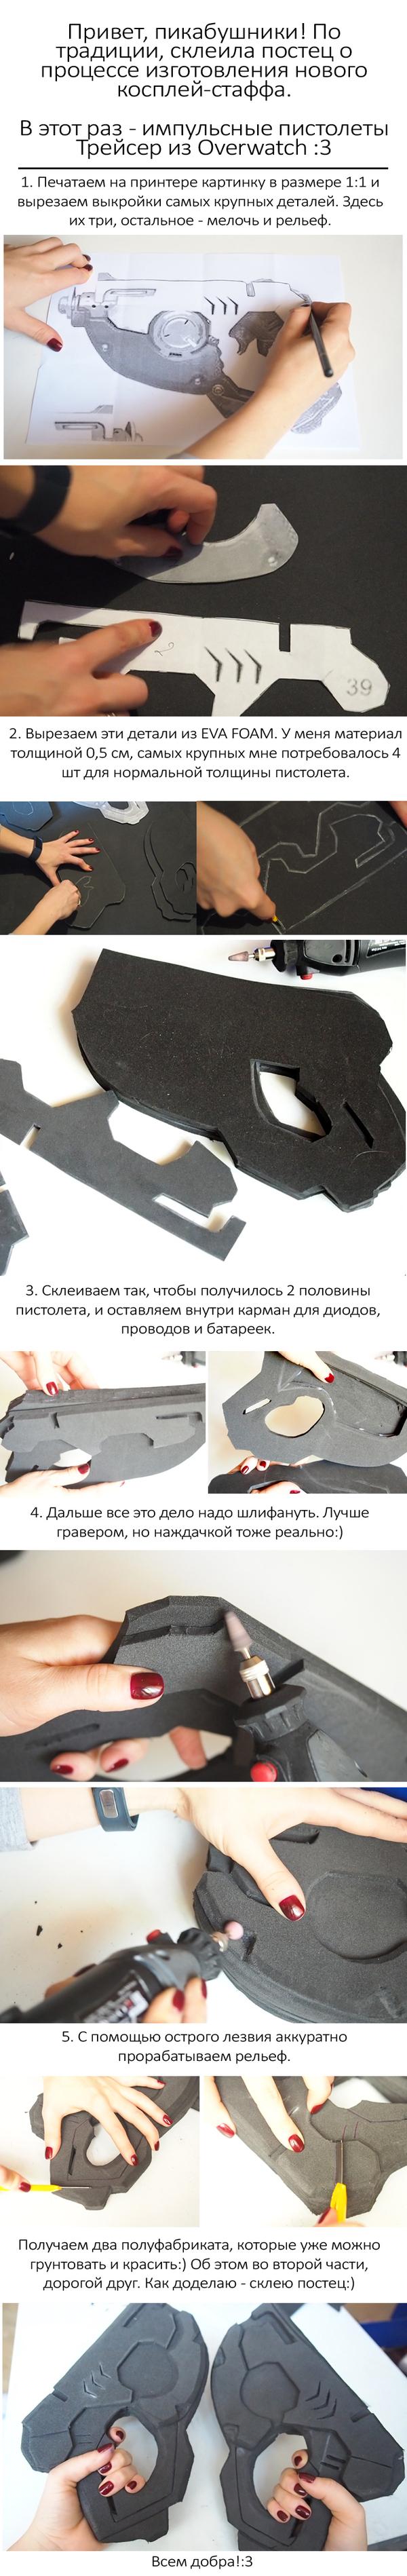 Косплей-процесс: импульсные пистолеты Трейсер из Overwatch blizzard, overwatch, Косплей, Tracer, длиннопост